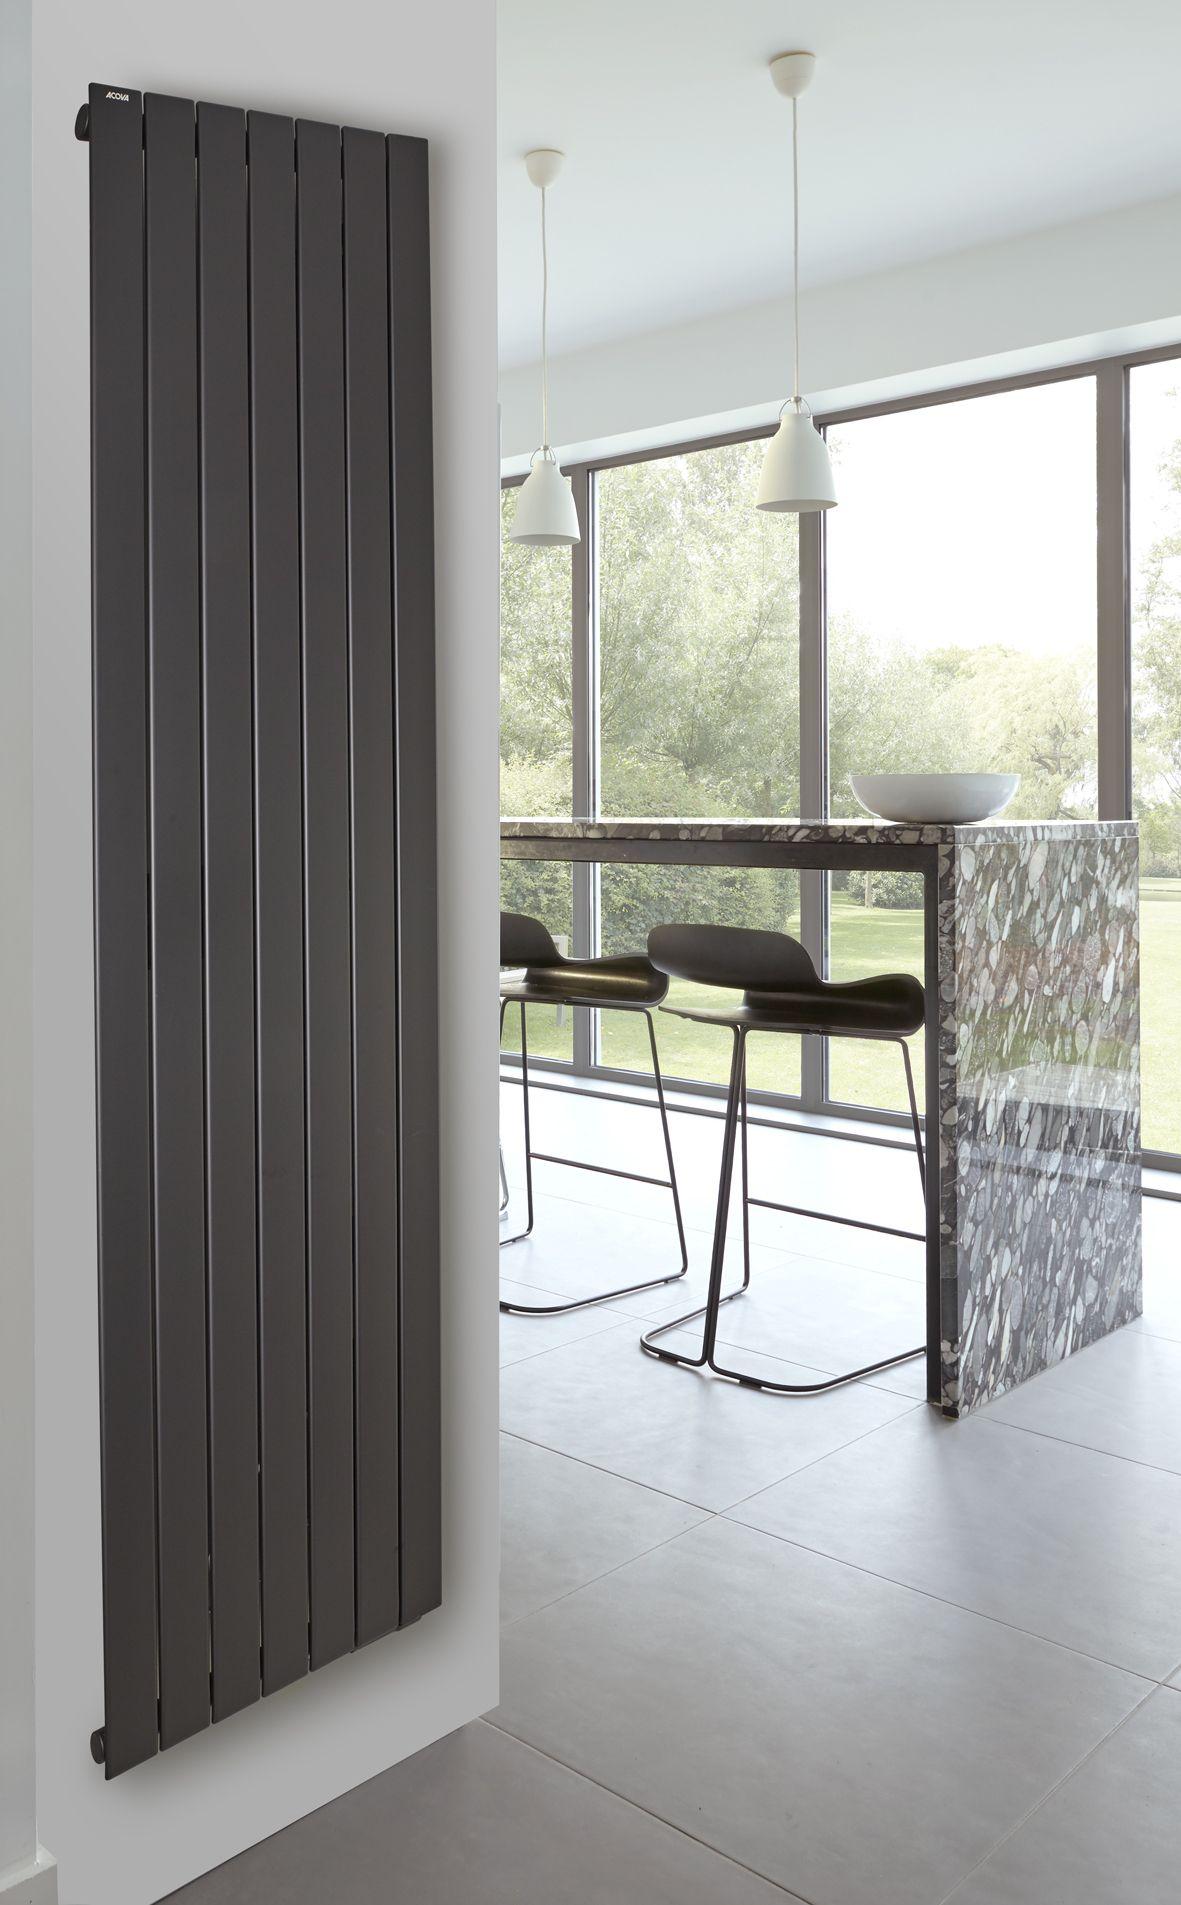 Acova Garantie pour ce radiateur acova fassane premium noir met en valeur les matériaux